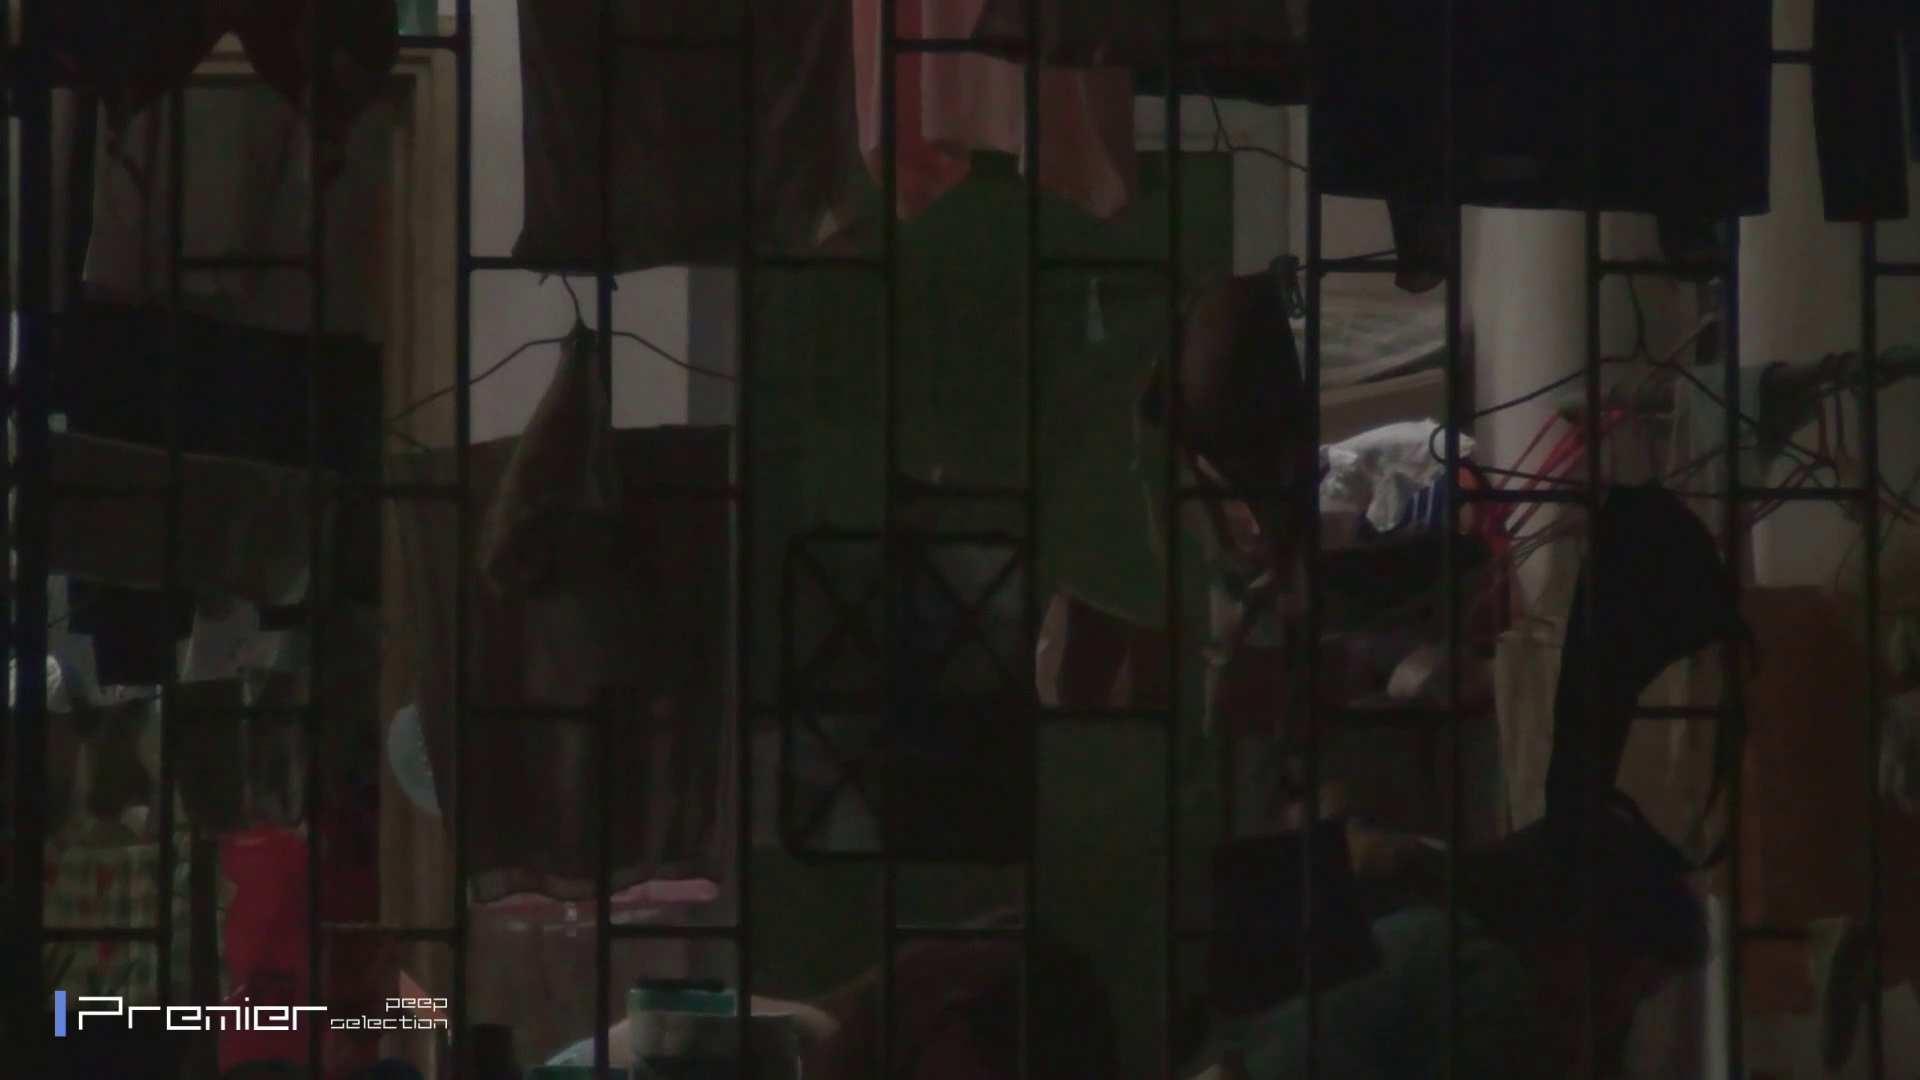 美女の痴態に密着!洗濯物を干す女 Vol.07 エッチすぎる美女 オマンコ無修正動画無料 30連発 5